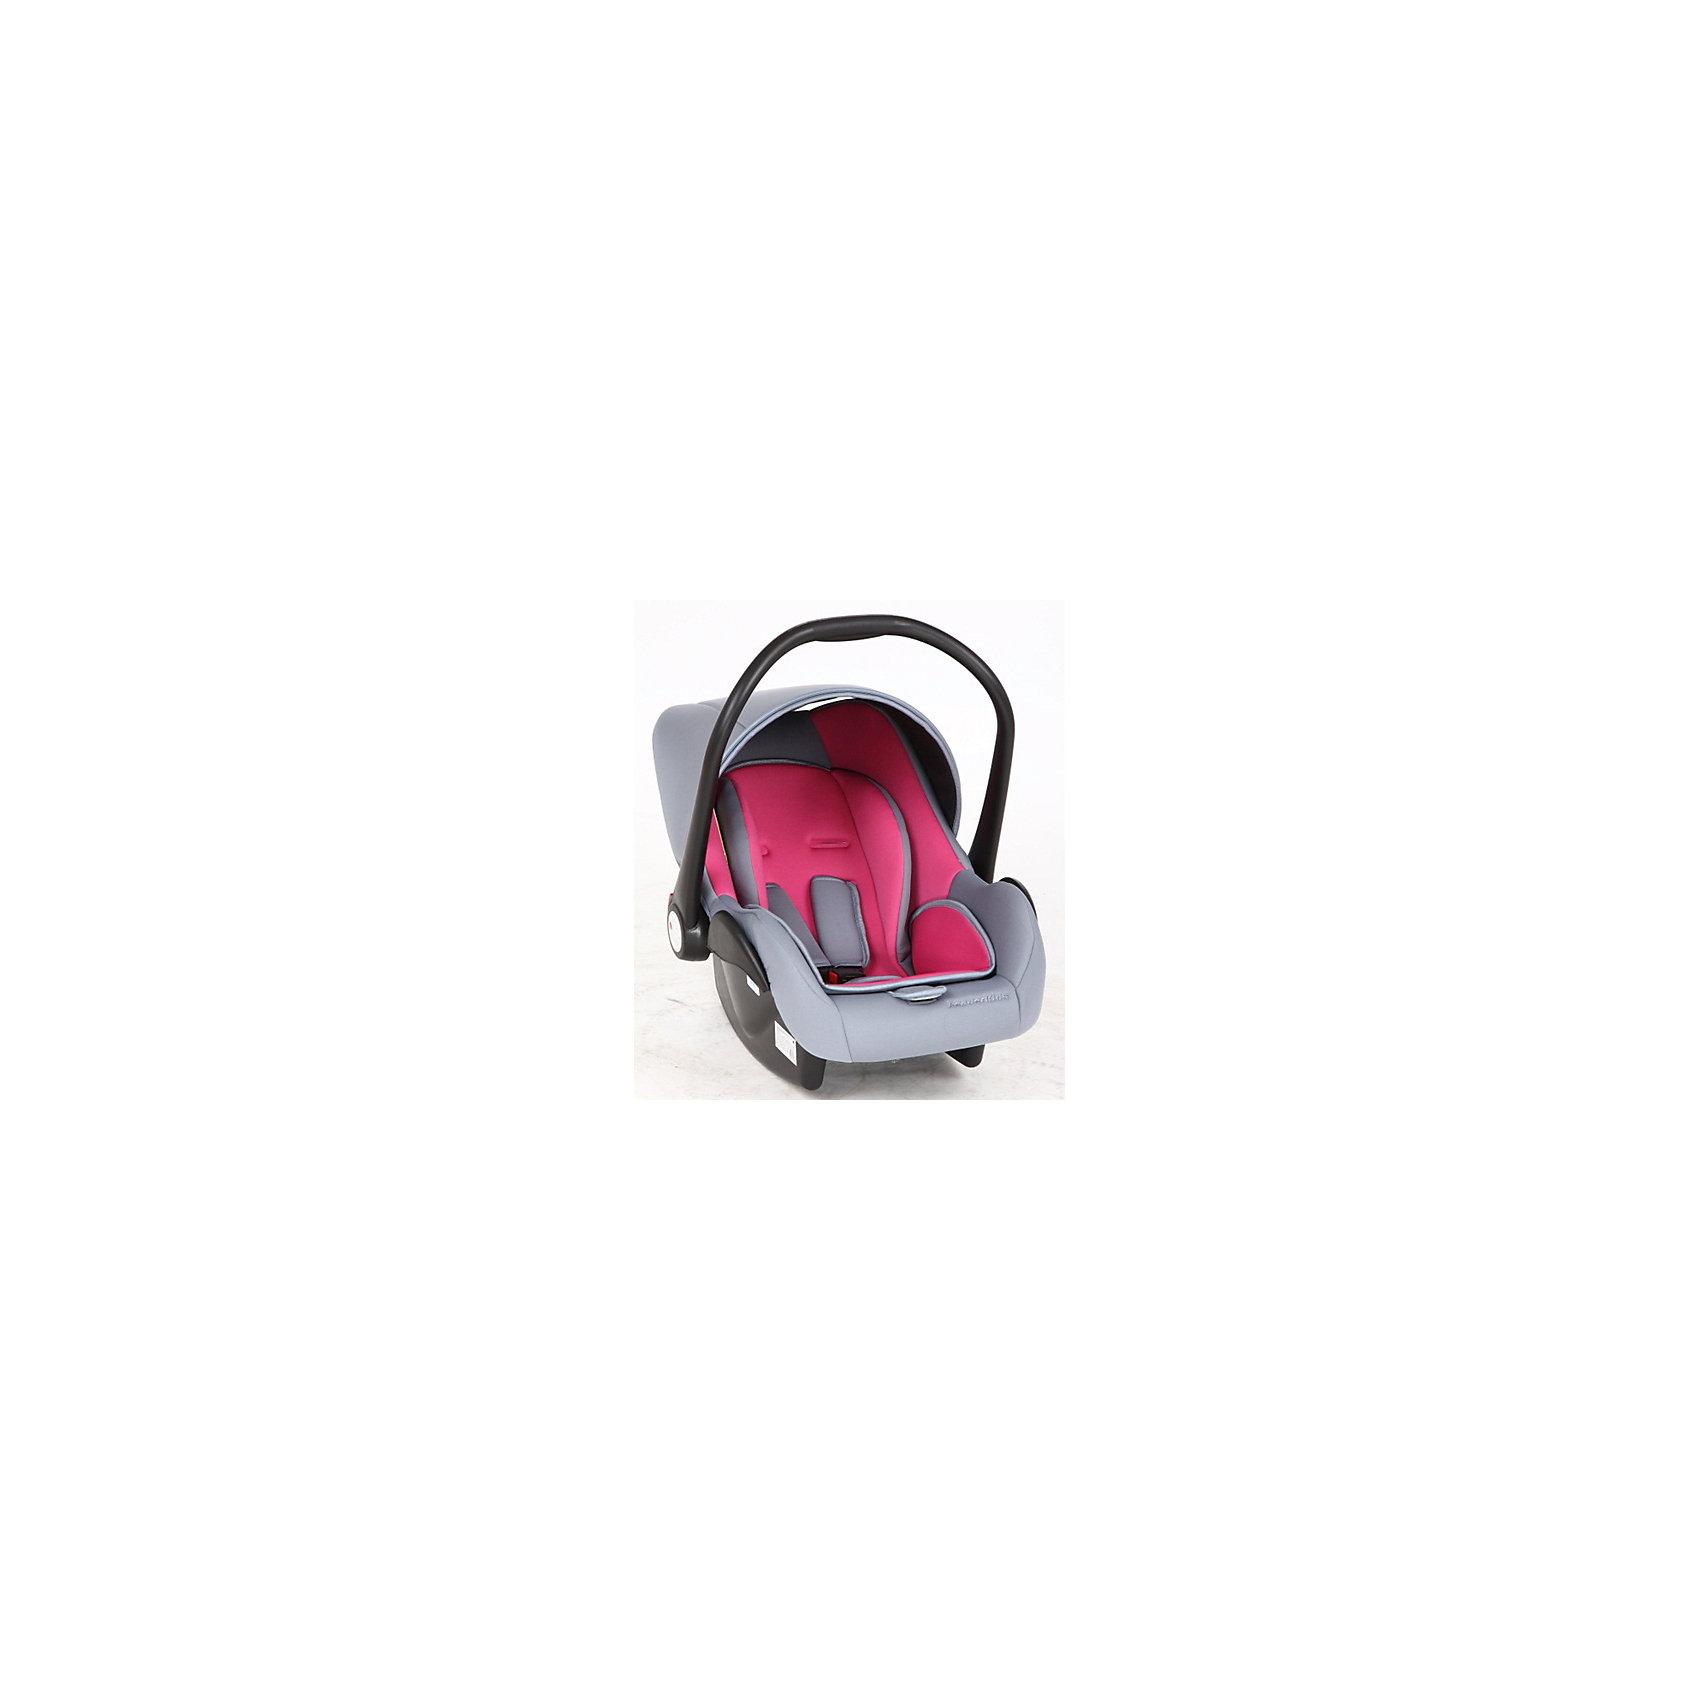 Автокресло Baby Leader Comfort, 0-13 кг., Leader Kids, розовый/серыйДетское автокресло Baby Leader Comfort от Leader Kids (Лидер Кидс) - это удобнейшее кресло-переноска для детей с рождения до 13 кг. Новорожденным детям необходимо особое положение при езде, поэтому кресло Baby Leader Comfort с анатомической подушкой разработано таким образом, чтобы маленькому пассажиру было максимально комфортно в пути. Установить кресло очень легко, ведь оно надежно крепится ремнями безопасности автомобиля. Отрегулируйте внутренние ремни безопасности кресла с мягкими накладками, чтобы обеспечить малышу высокий уровень безопасности в дороге. Дополнительный комфорт обеспечивает удобный козырек, который эффективно защитит малыша от сквозняков и яркого солнца. Главным преимуществом  кресла Baby Leader Comfort является сочетание высокой степени защиты малыша и небольшого веса кресла. Даже молодой маме легко будет носить малыша в кресле. Baby Leader Comfort от Leader Kids (Лидер Кидс) - это безопасная переноска и удобное автокресло для Вашего крохи!<br><br>Дополнительная информация:<br><br>- Группа: 0+ (от 0 до 13 кг);<br>- Усиленная боковая защита;<br>- В комплекте: анатомическая подушка, капюшон;<br>- Легко укачивать малыша в дороге;<br>- Удобная ручка для переноски с системой безопасной фиксации;<br>- Трехточечные ремни безопасности с регулировкой одним движением;<br>- Регулировка внутренних ремней безопасности по высоте;<br>- Устанавливается в автомобиле спиной по направлению движения;<br>- Съемную обивку можно стирать;<br>- Цвет: серый/розовый;<br>- Вес: 2,67 кг<br><br>Автокресло Baby Leader Comfort, 0-13 кг., Leader Kids (Лидер Кидс), серый/розовый можно купить в нашем интернет-магазине.<br><br>Ширина мм: 880<br>Глубина мм: 730<br>Высота мм: 450<br>Вес г: 2670<br>Возраст от месяцев: 0<br>Возраст до месяцев: 12<br>Пол: Унисекс<br>Возраст: Детский<br>SKU: 4026309